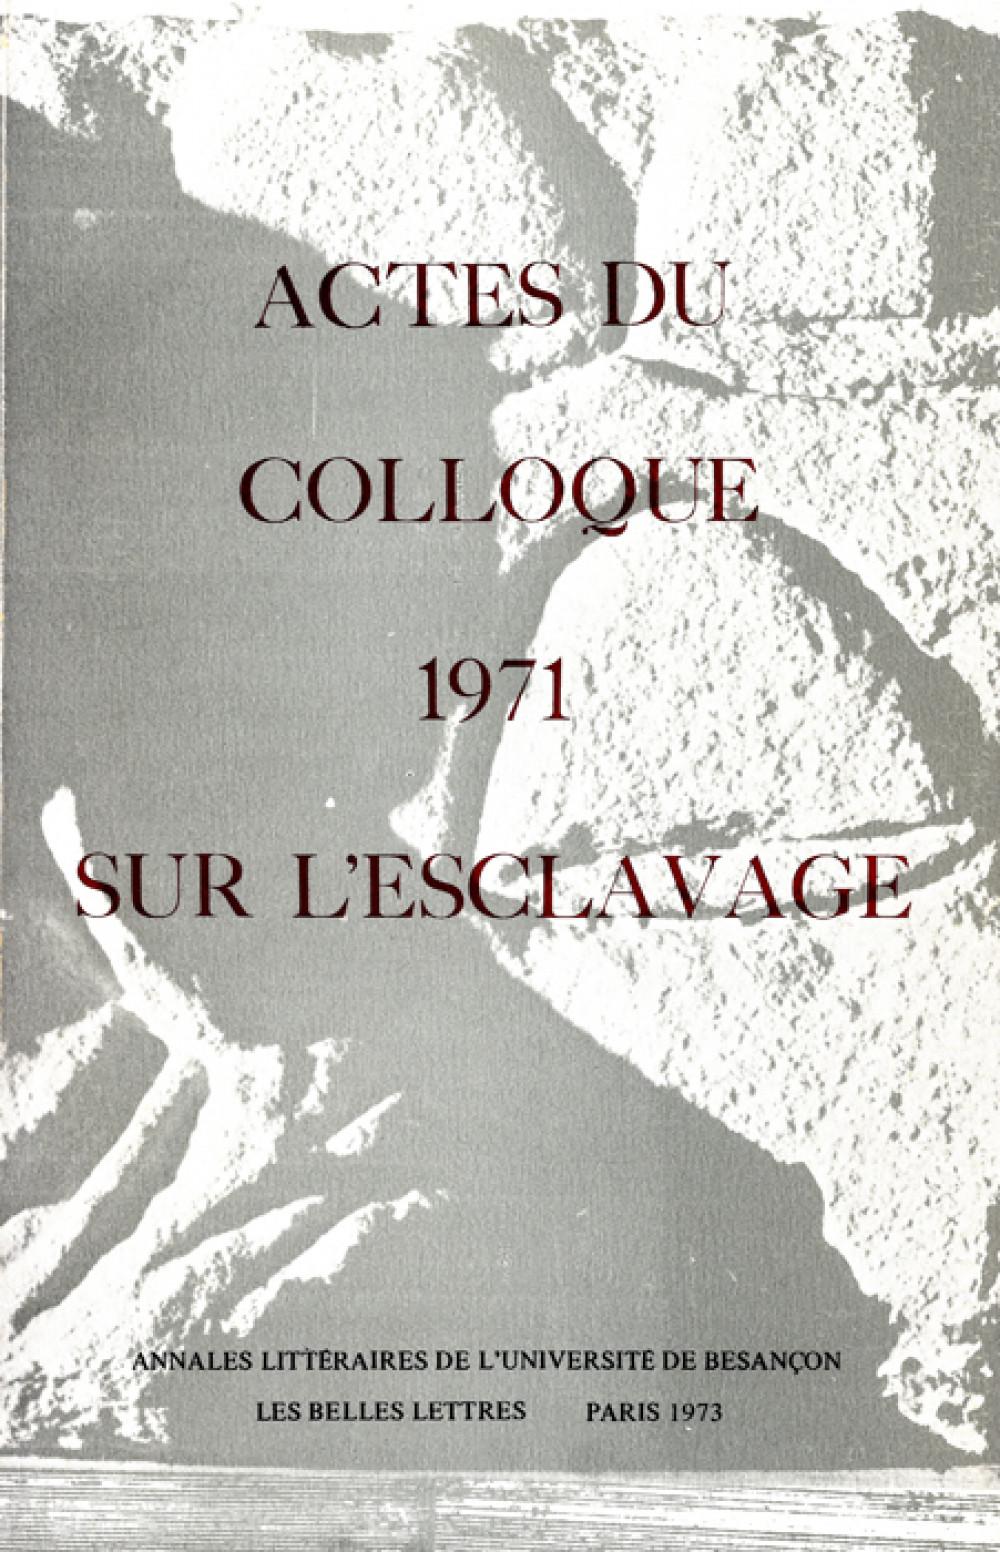 Actes du colloque 1971 sur l'esclavage